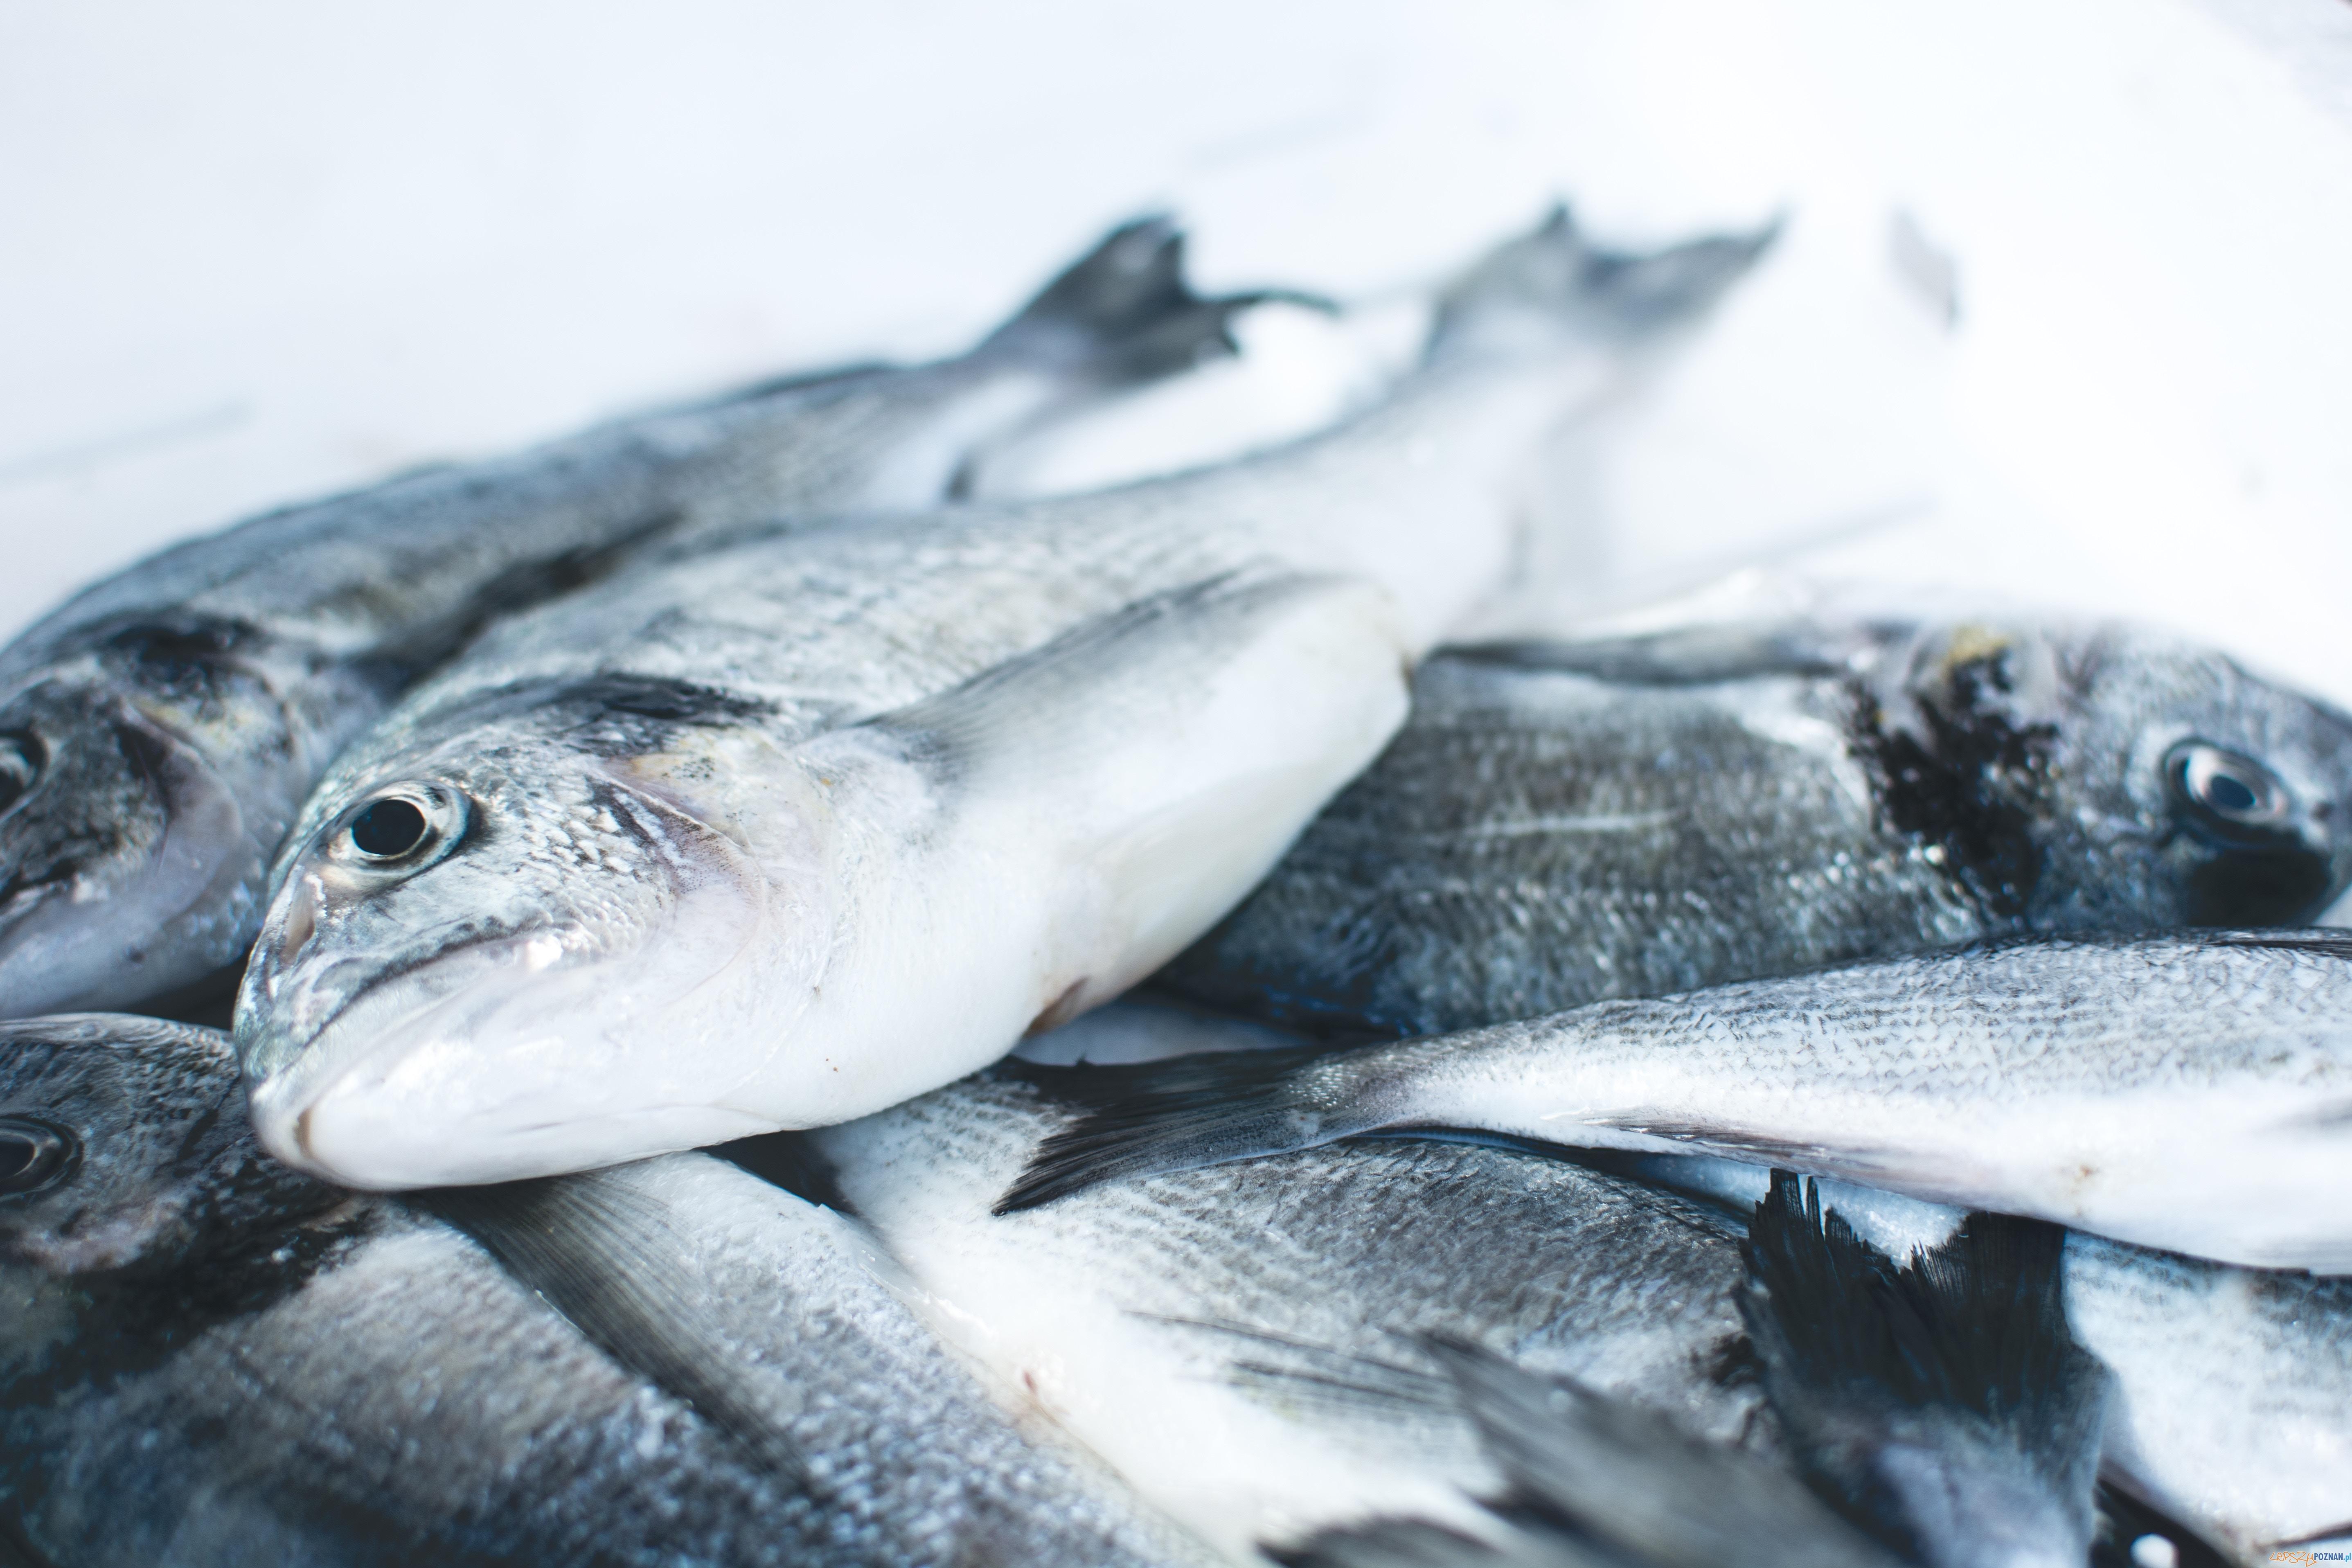 ryby  Foto: Jakub Kapusnak